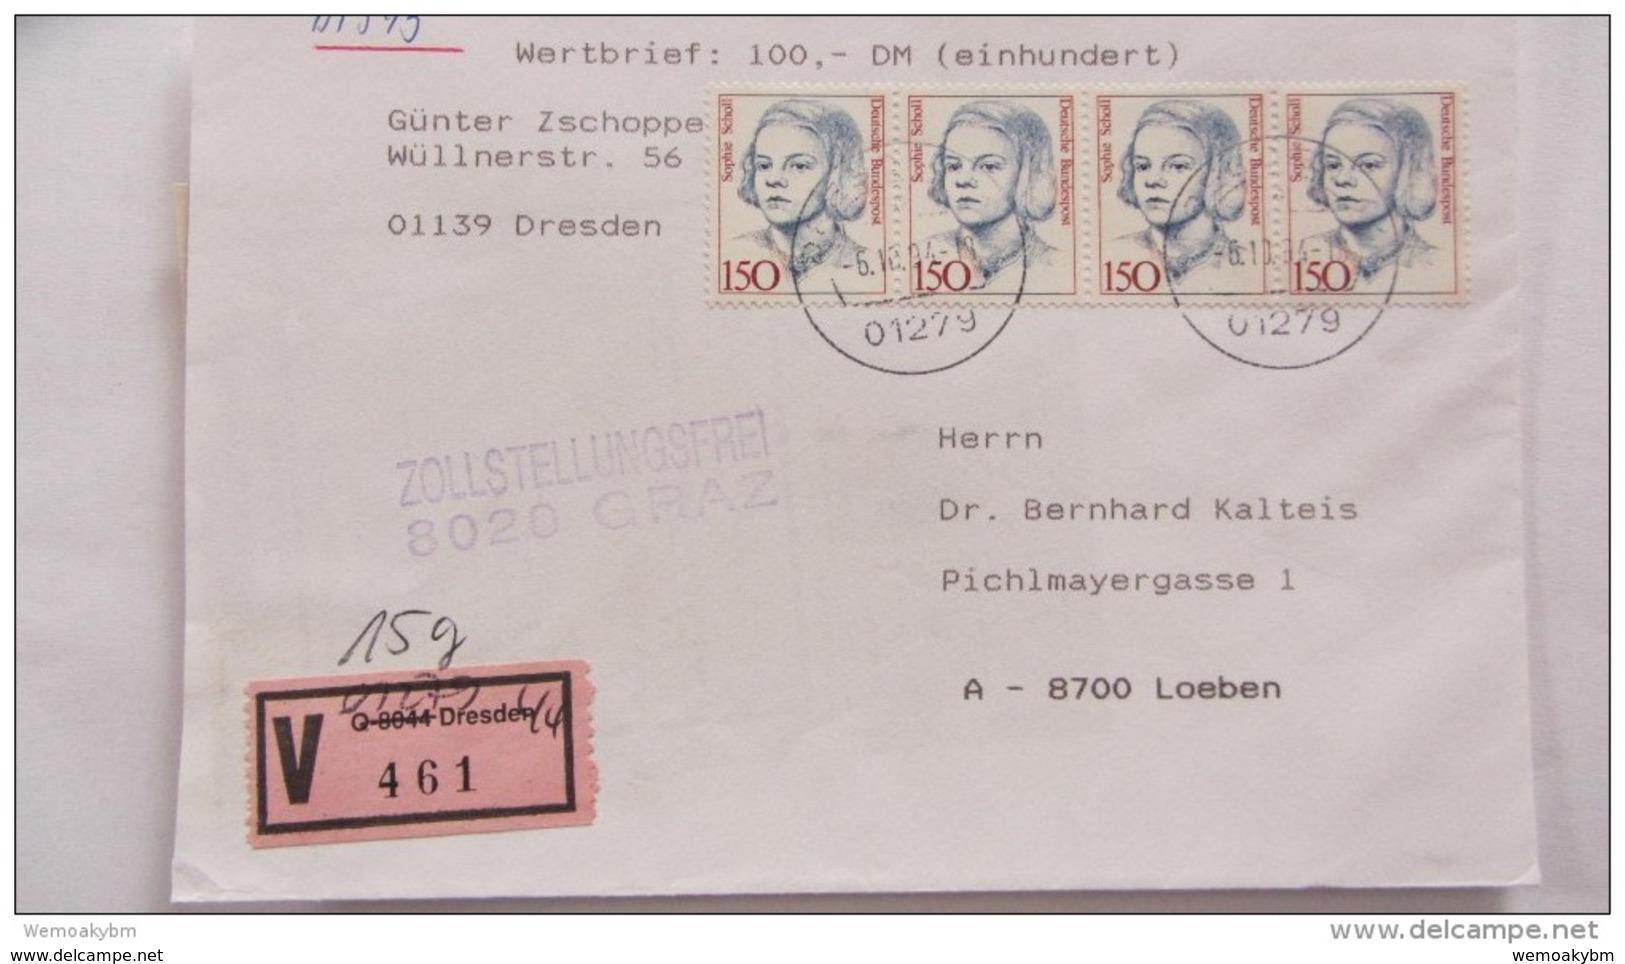 BRD-VGO: Wert-Bf Aus Dresden 44 (461) Mit Nachverwendeten V-Zettel -sehr Späte Verwendung Am 6.10.94- Knr: 1497 (4) - Covers & Documents